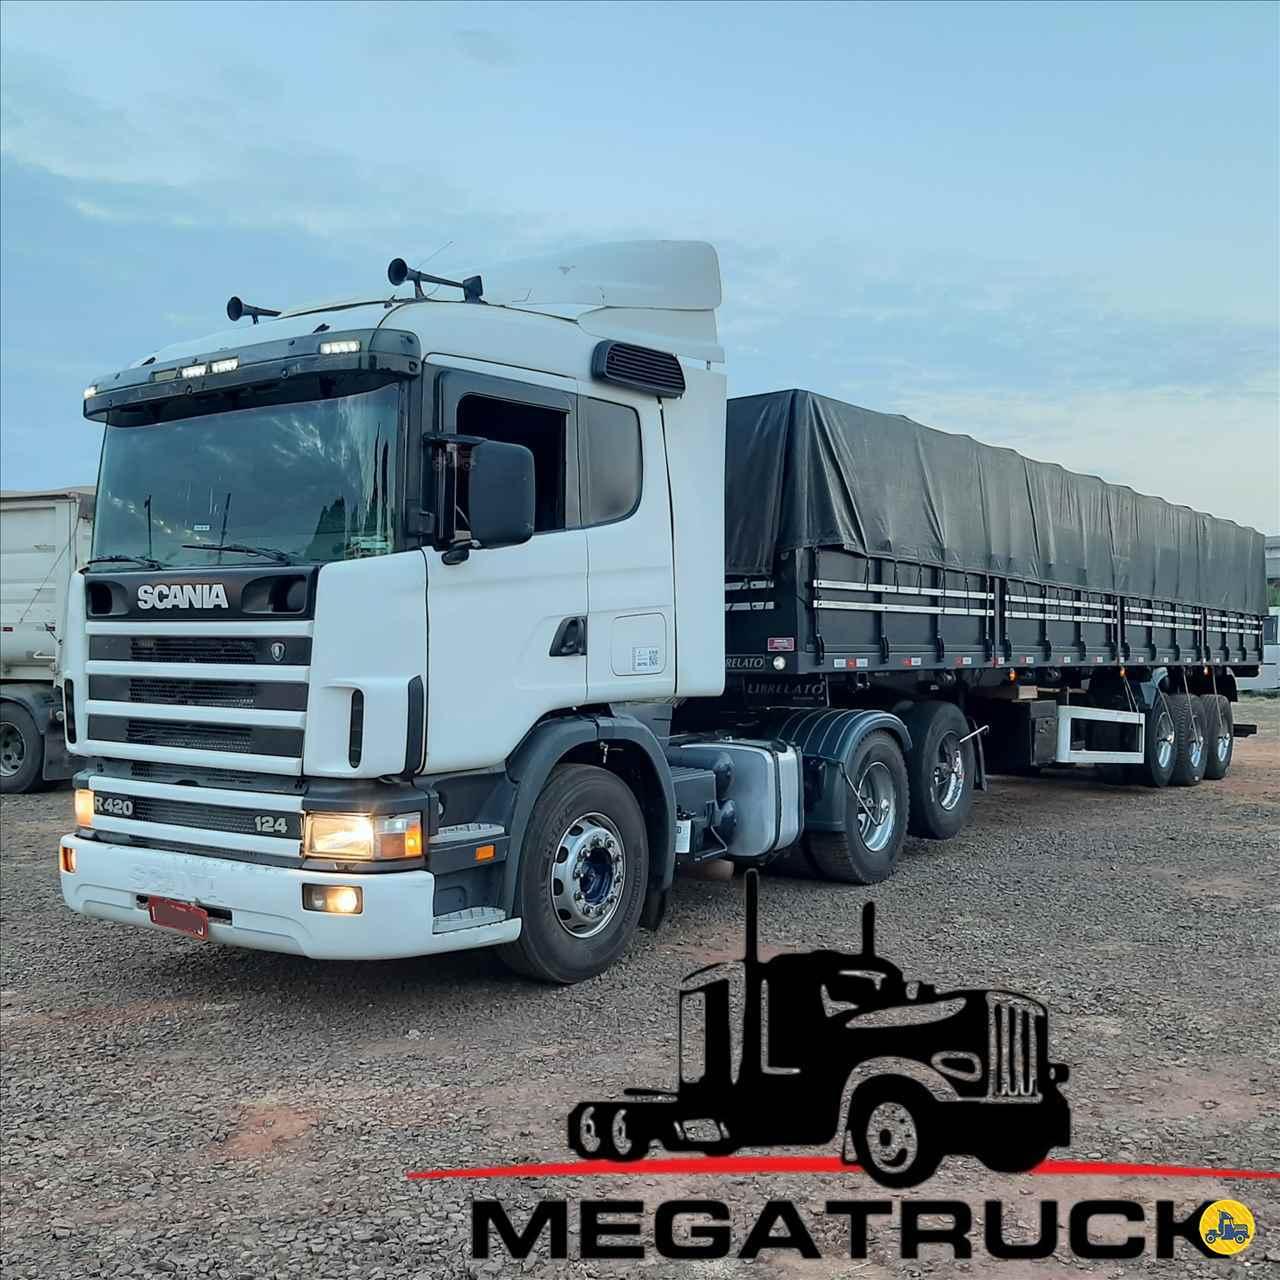 CAMINHAO SCANIA SCANIA 124 420 Cavalo Mecânico Truck 6x2 Megatruck Caminhões e Máquinas CAMPO GRANDE MATO GROSSO DO SUL MS